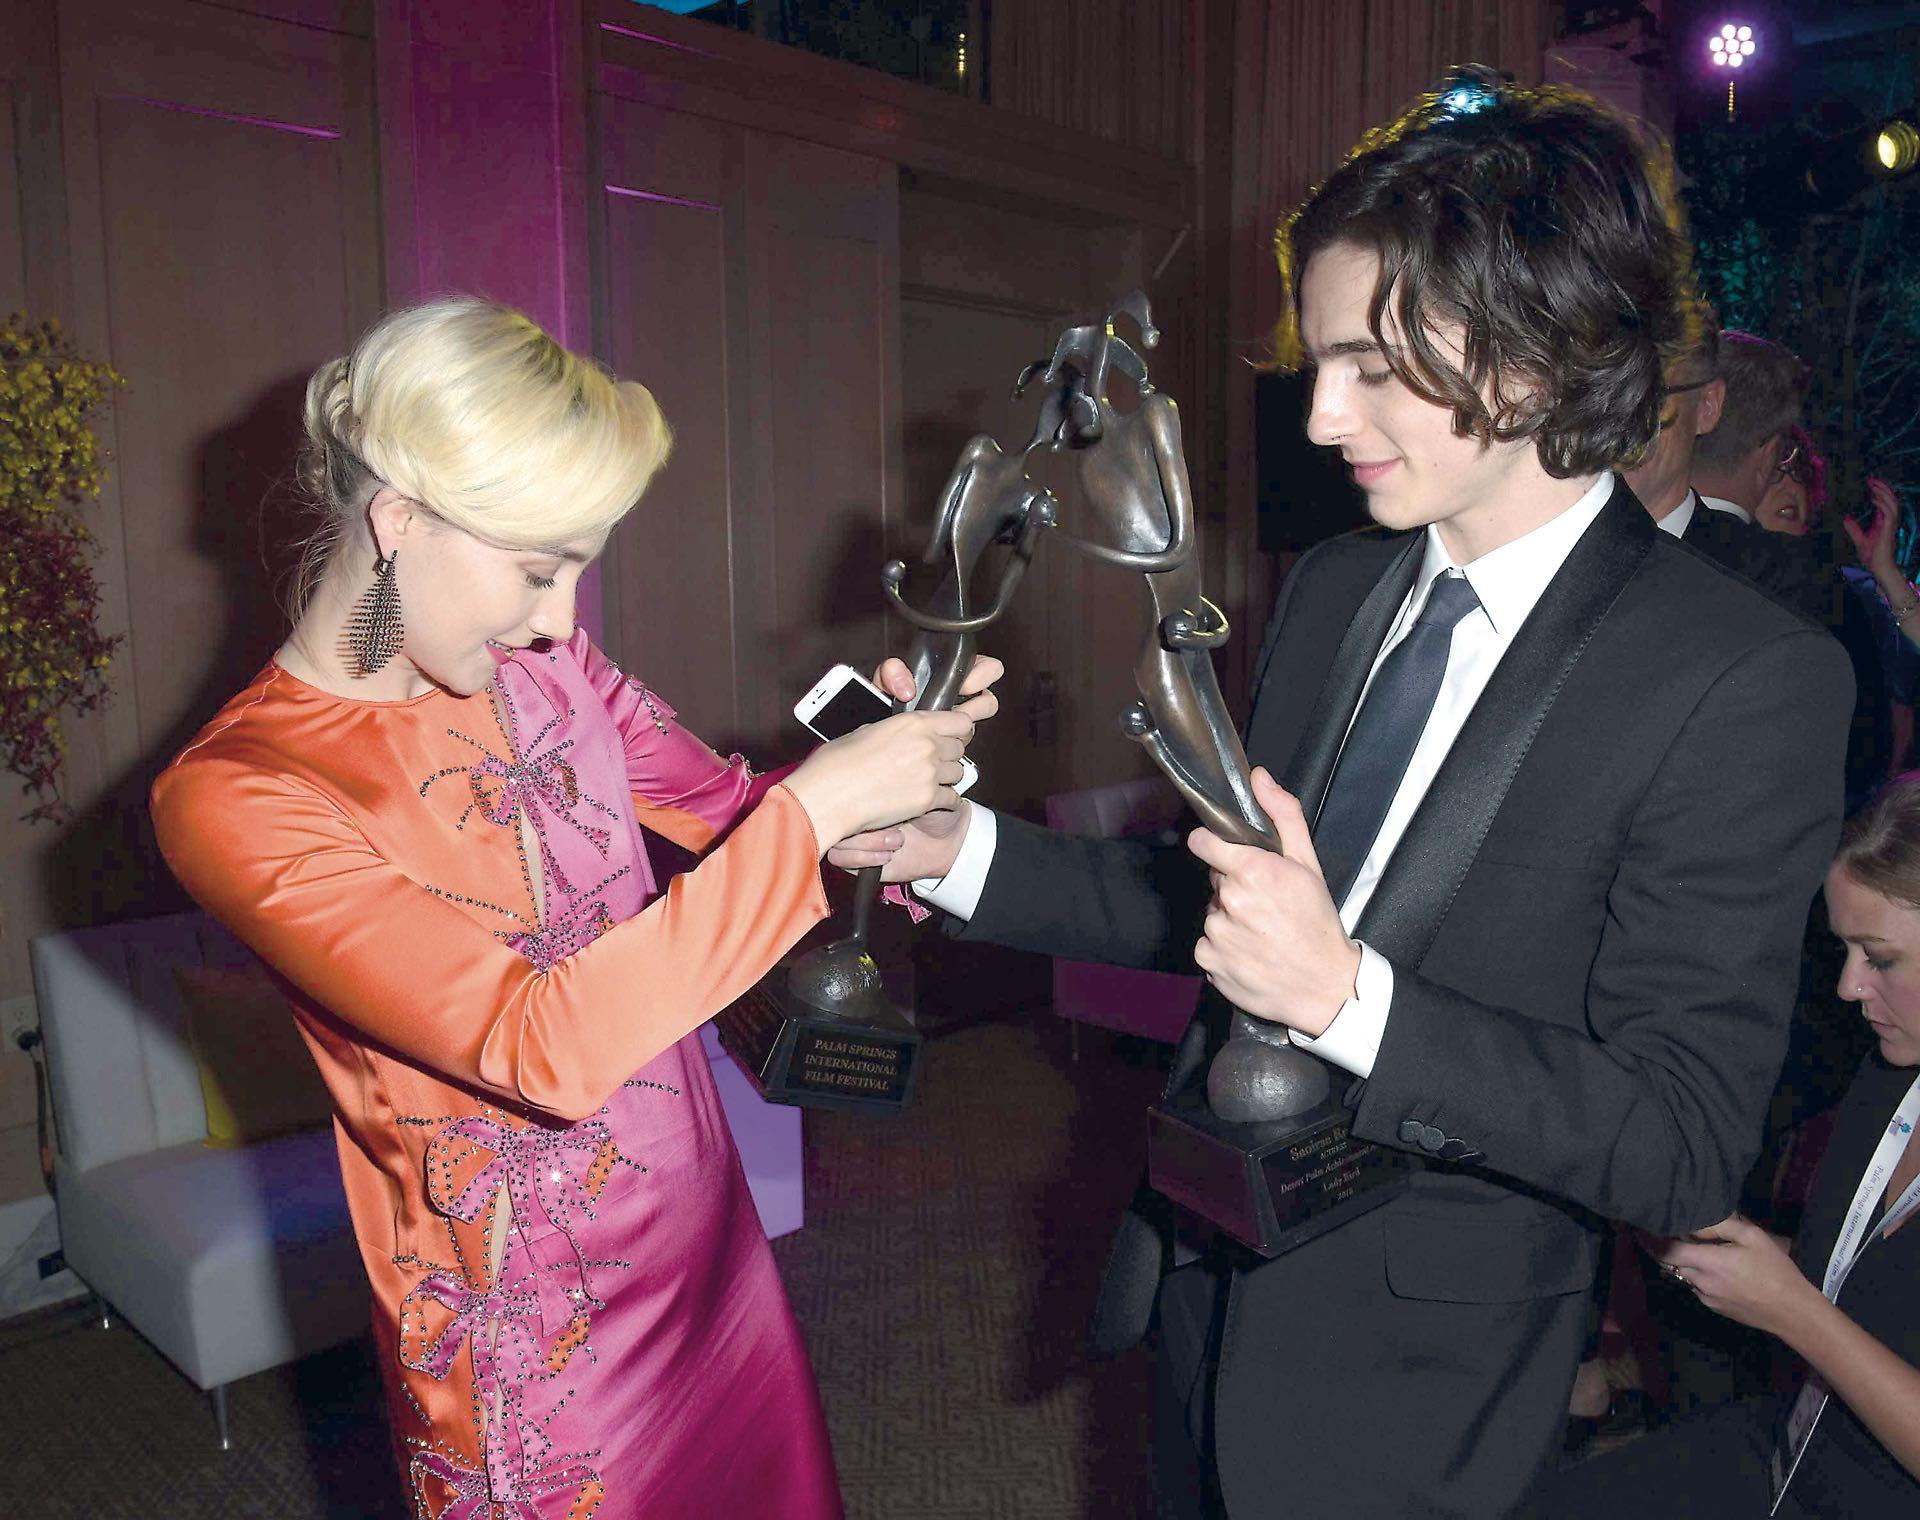 La dupla millennial de los premios. Saoirse y Timothée fueron galardonados durante el Palm Springs Film Festival Awards